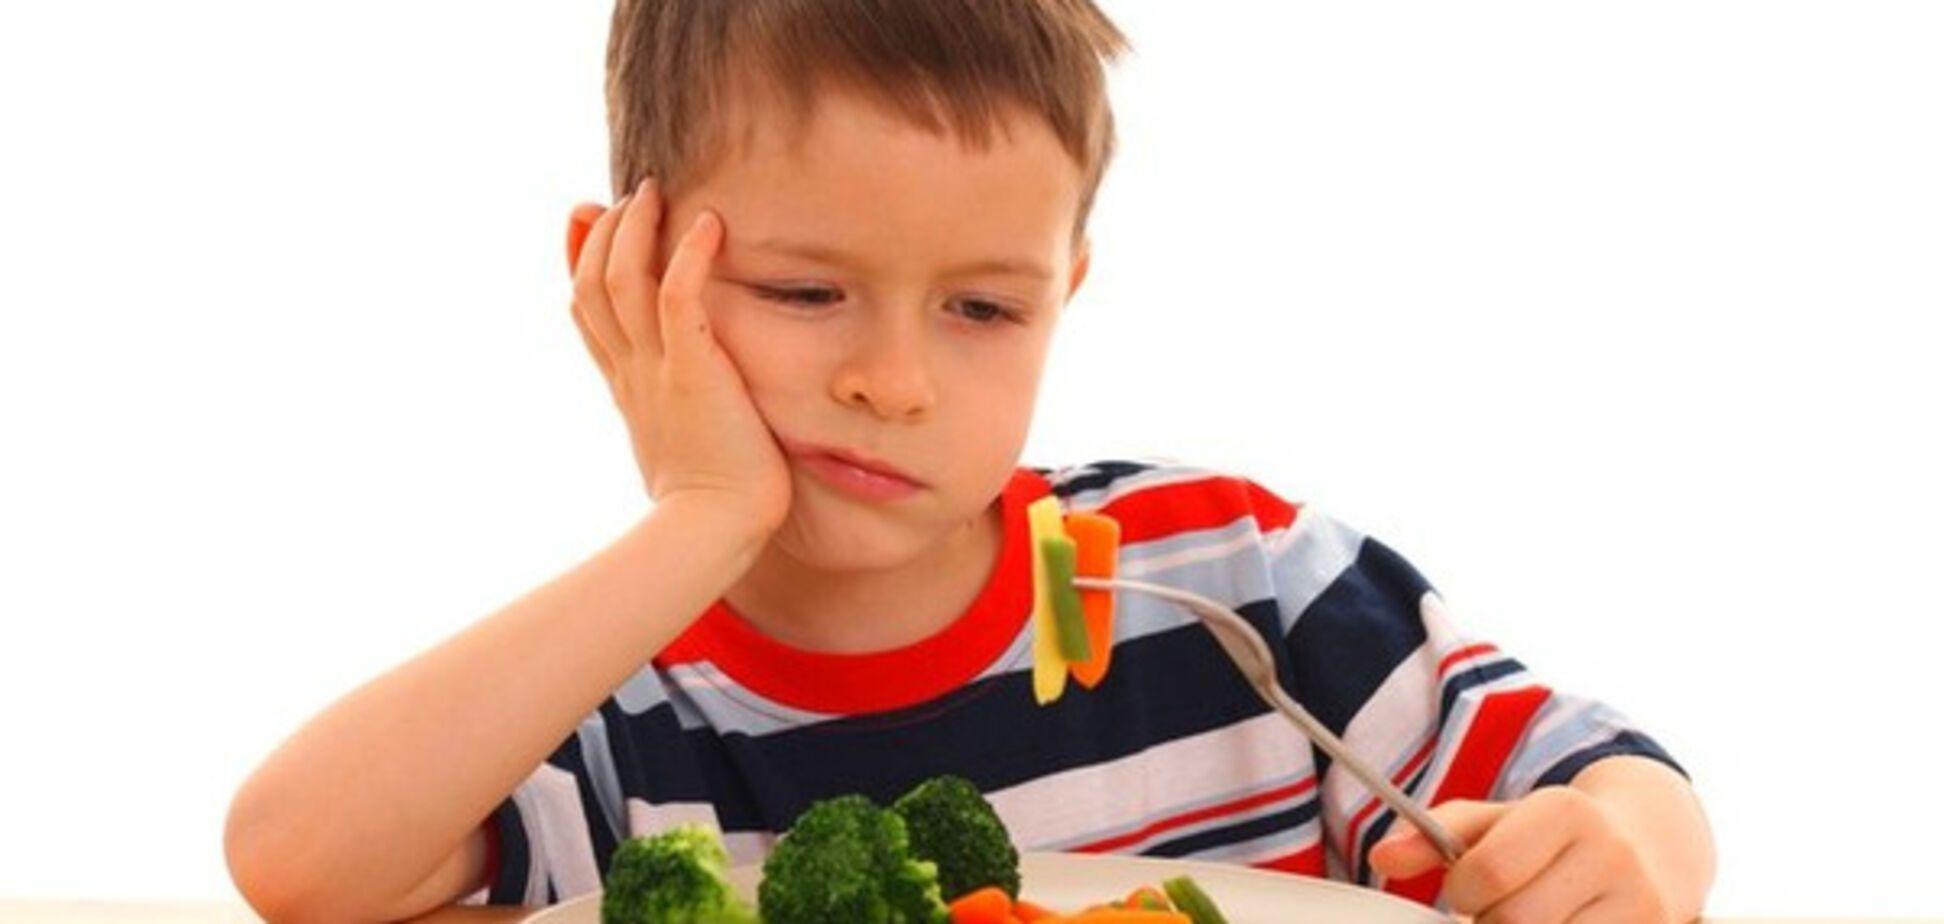 Вегани і не тільки: як харчові експерименти батьків можуть відбитися на здоров'ї дитини